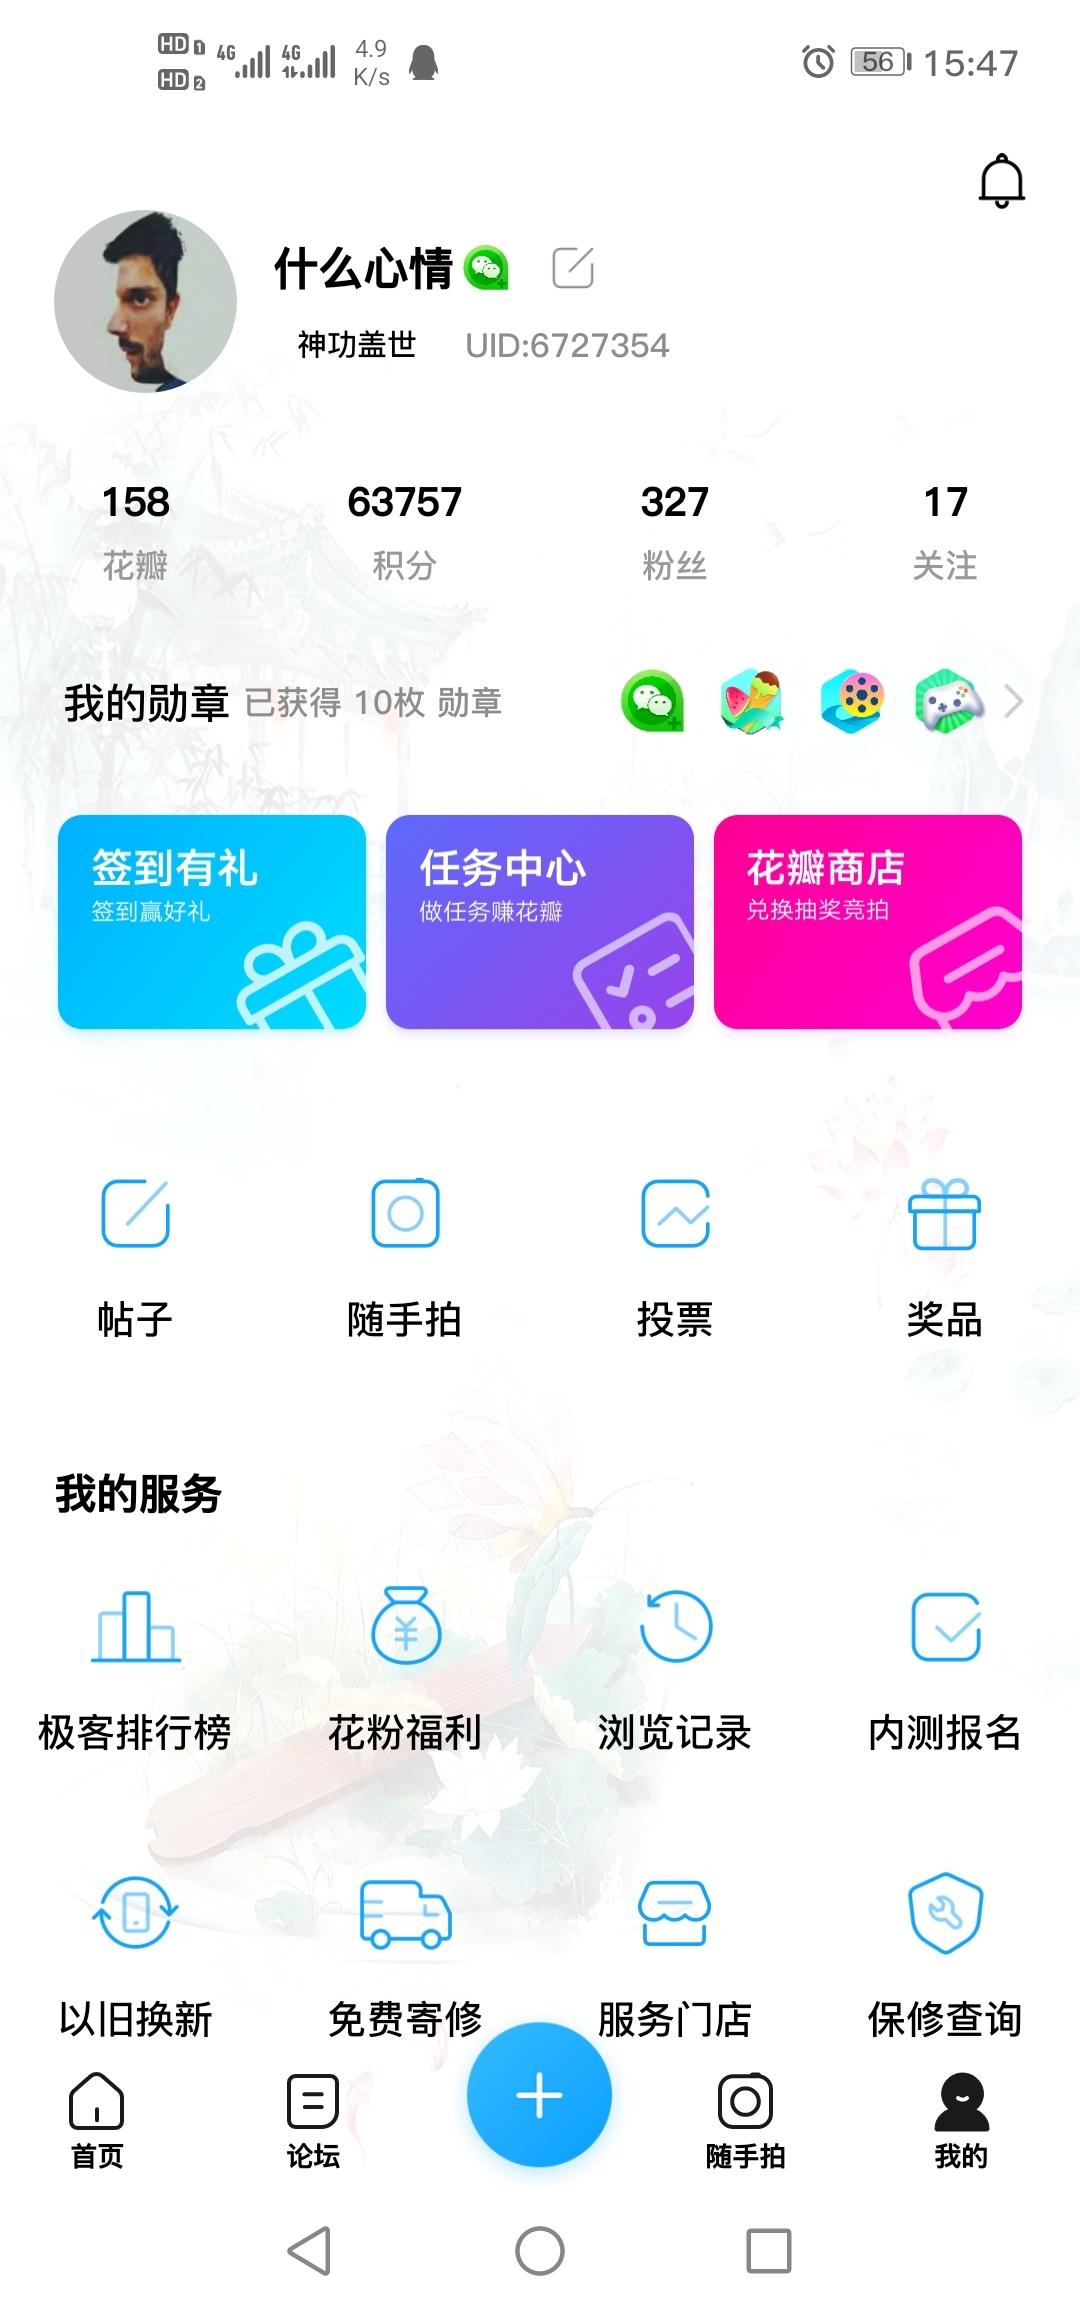 Screenshot_20200507_154759_com.huawei.fans.jpg